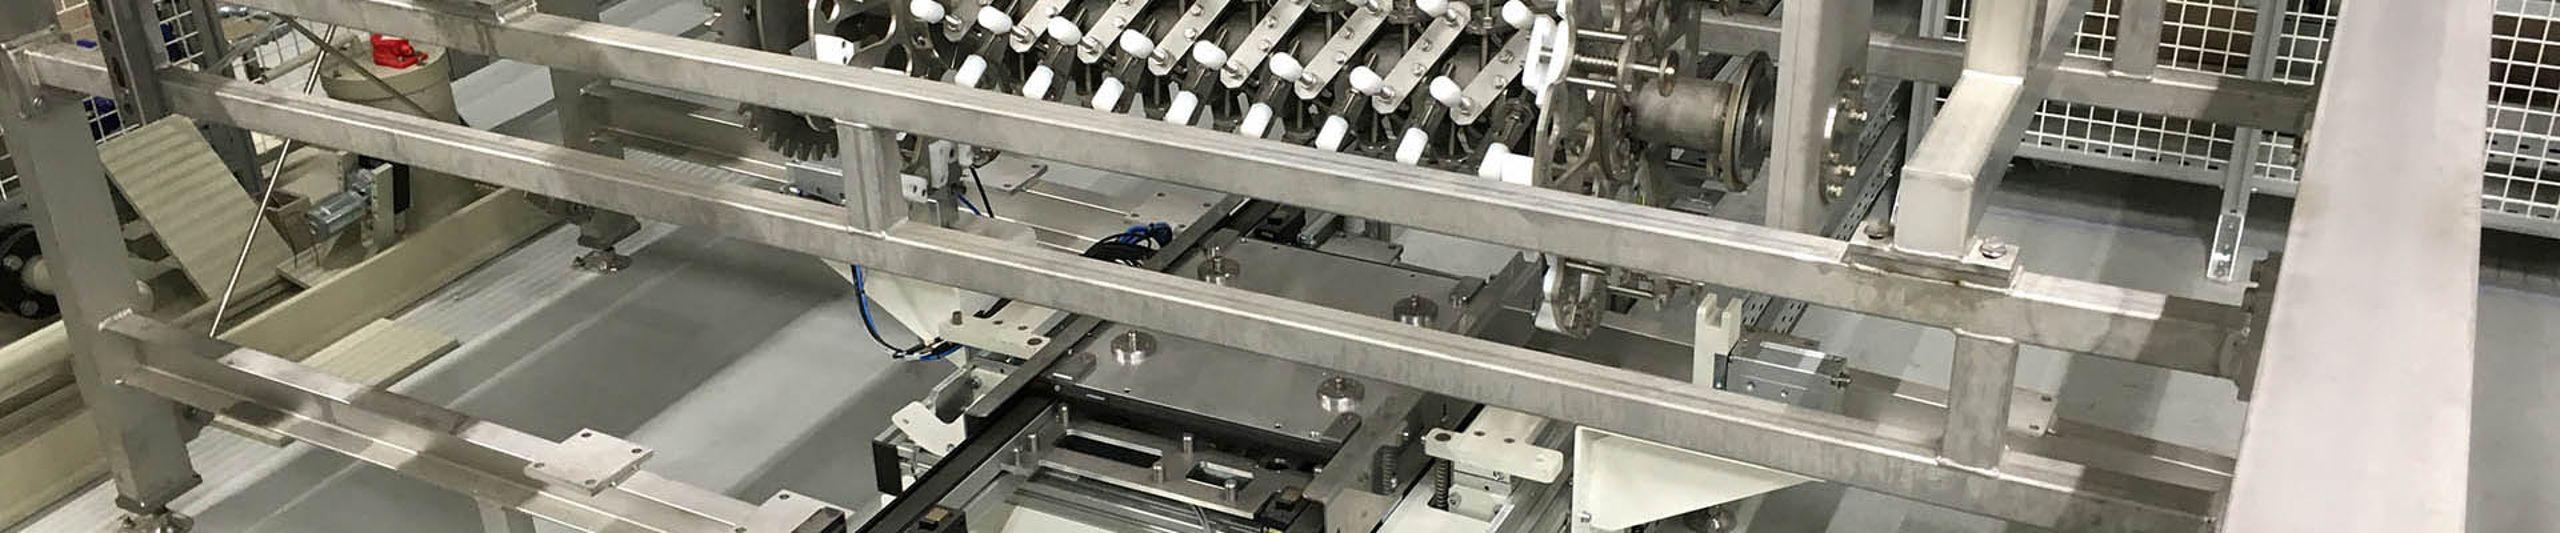 Technische Systeme für die automatisierte Verarbeitung